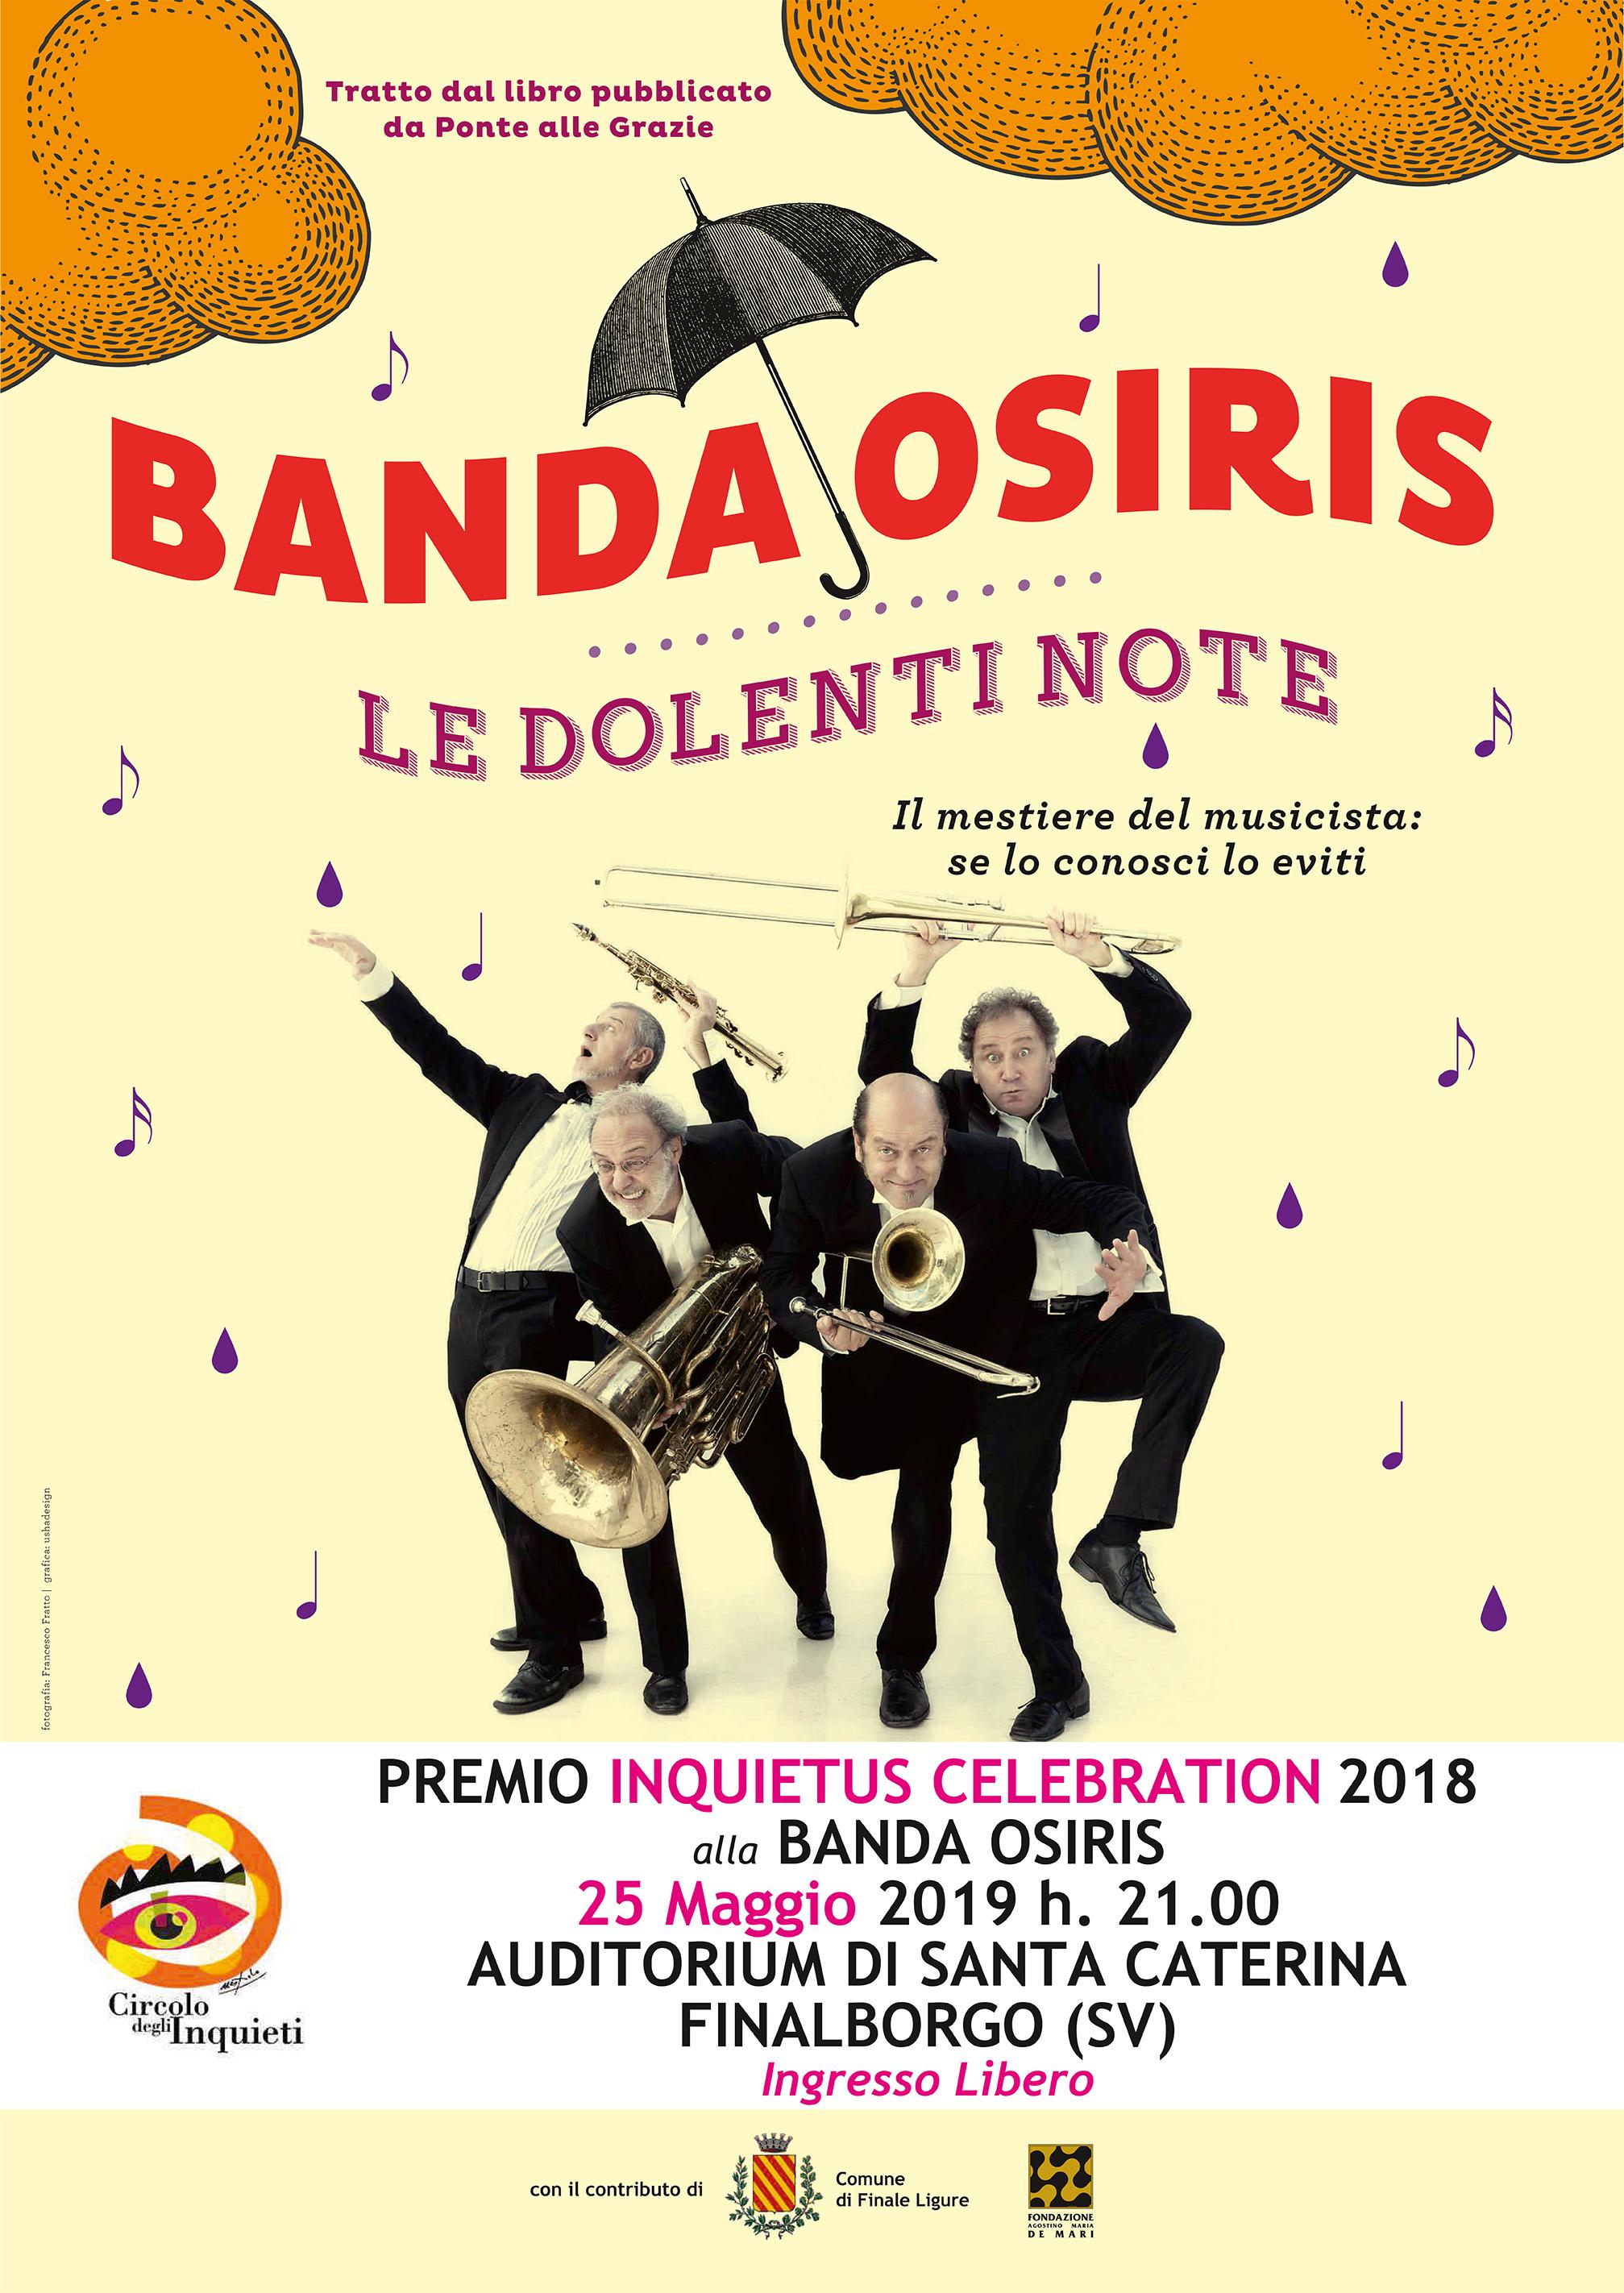 25 Maggio 2019 – INQUIETUS CELEBRATIONS alla BANDA OSIRIS